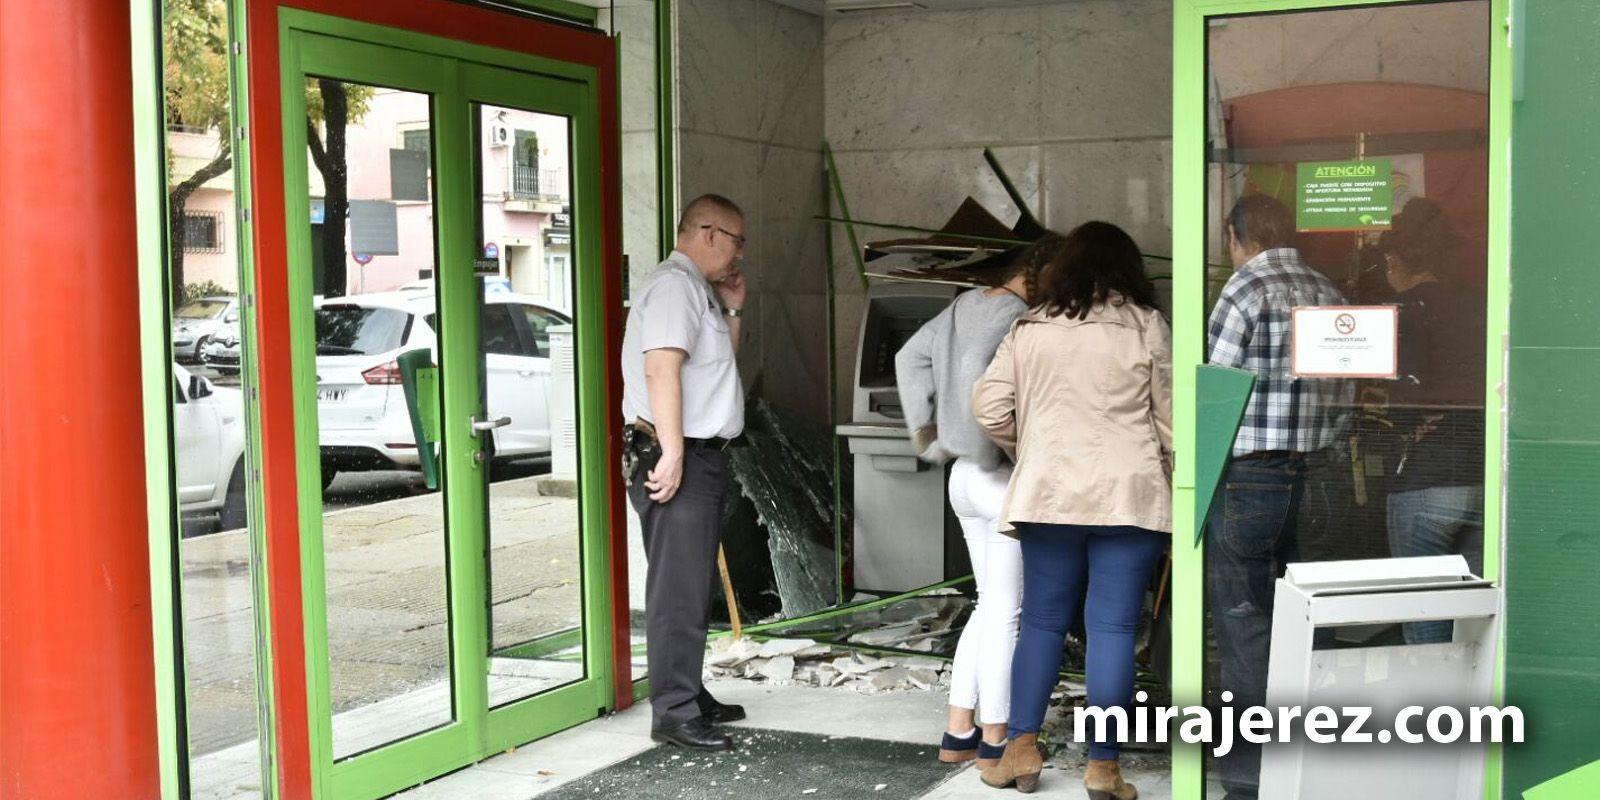 Sucursal de Unicaja de la avenida Olivar del Rivero destrozada tras la explosión en la mañana del domingo | Pablo Muñoz de Sherry Drone para MIRA Jerez